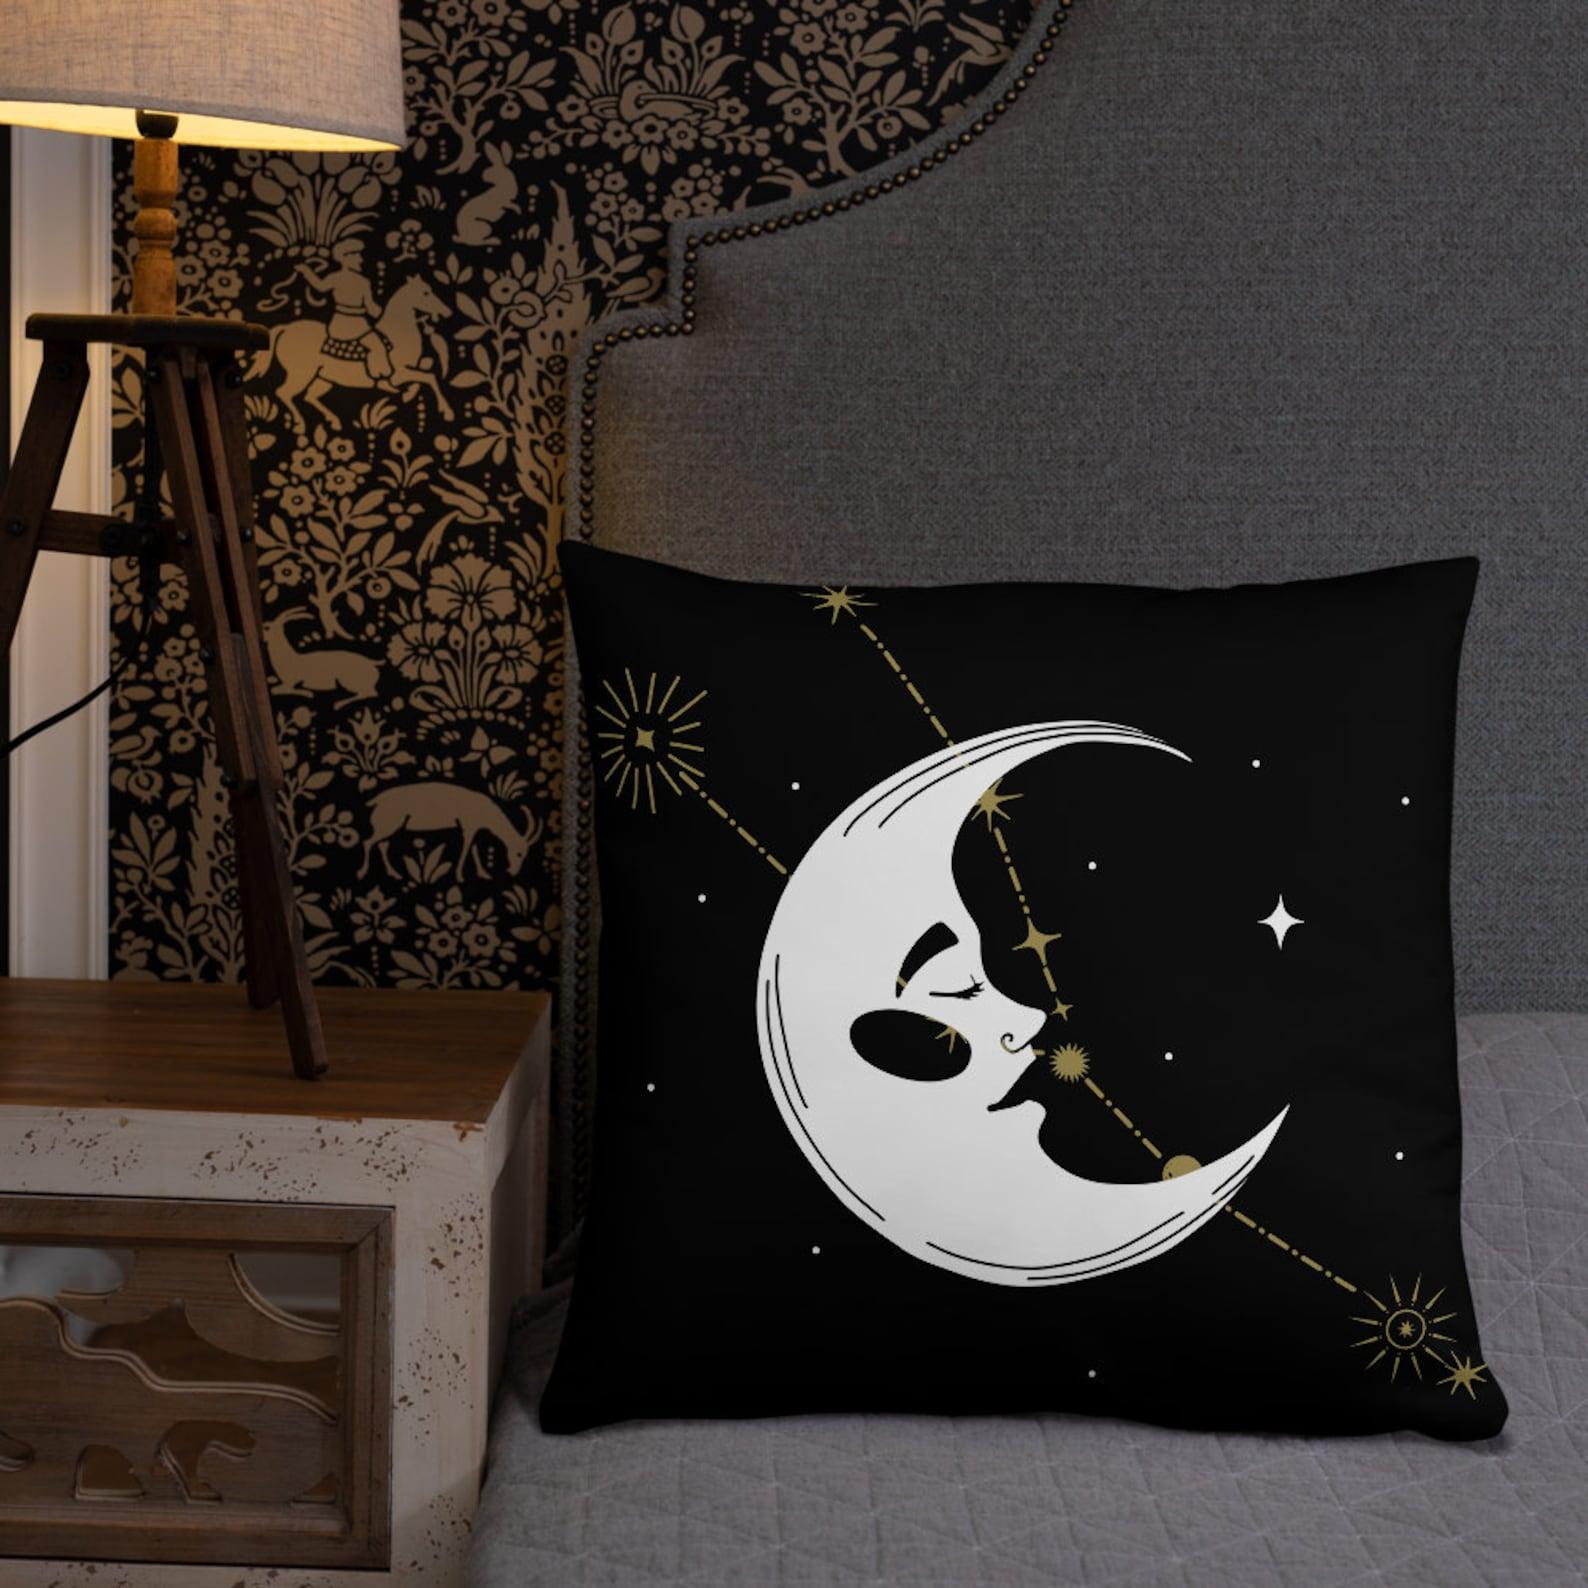 Wicca Home Decor Mond Sternzeichen Waage Fische Schütze | Etsy